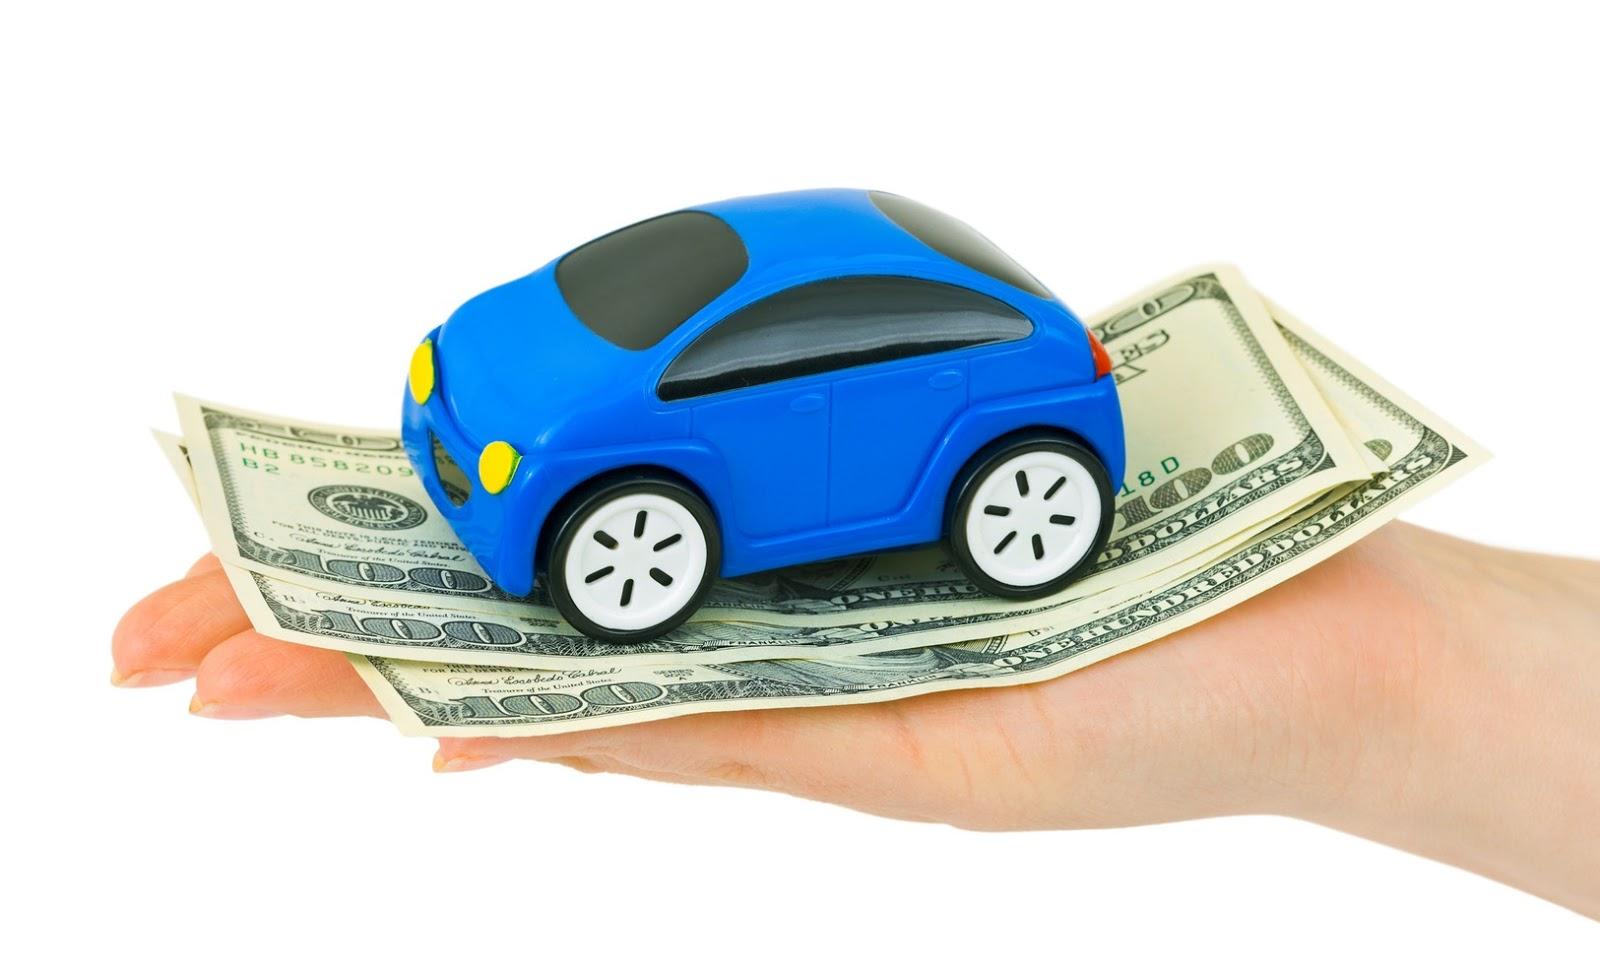 кооператив займы под залог автомобиля